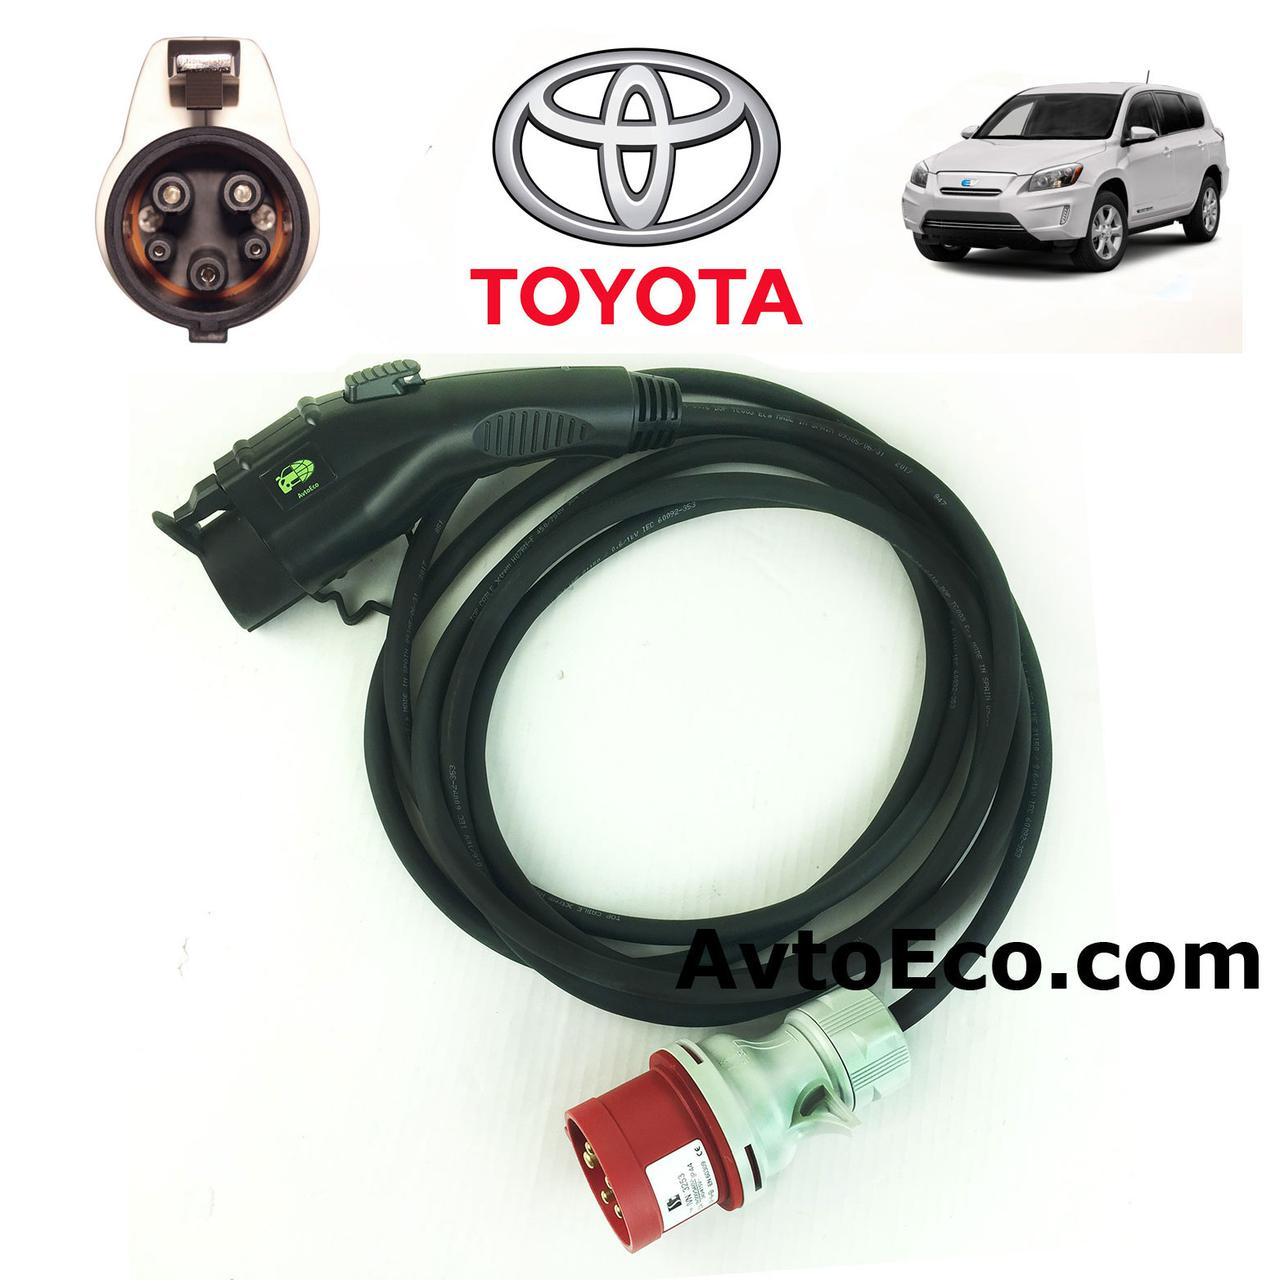 Зарядное устройство для электромобиля Toyota RAV4 EV AutoEco J1772-32A